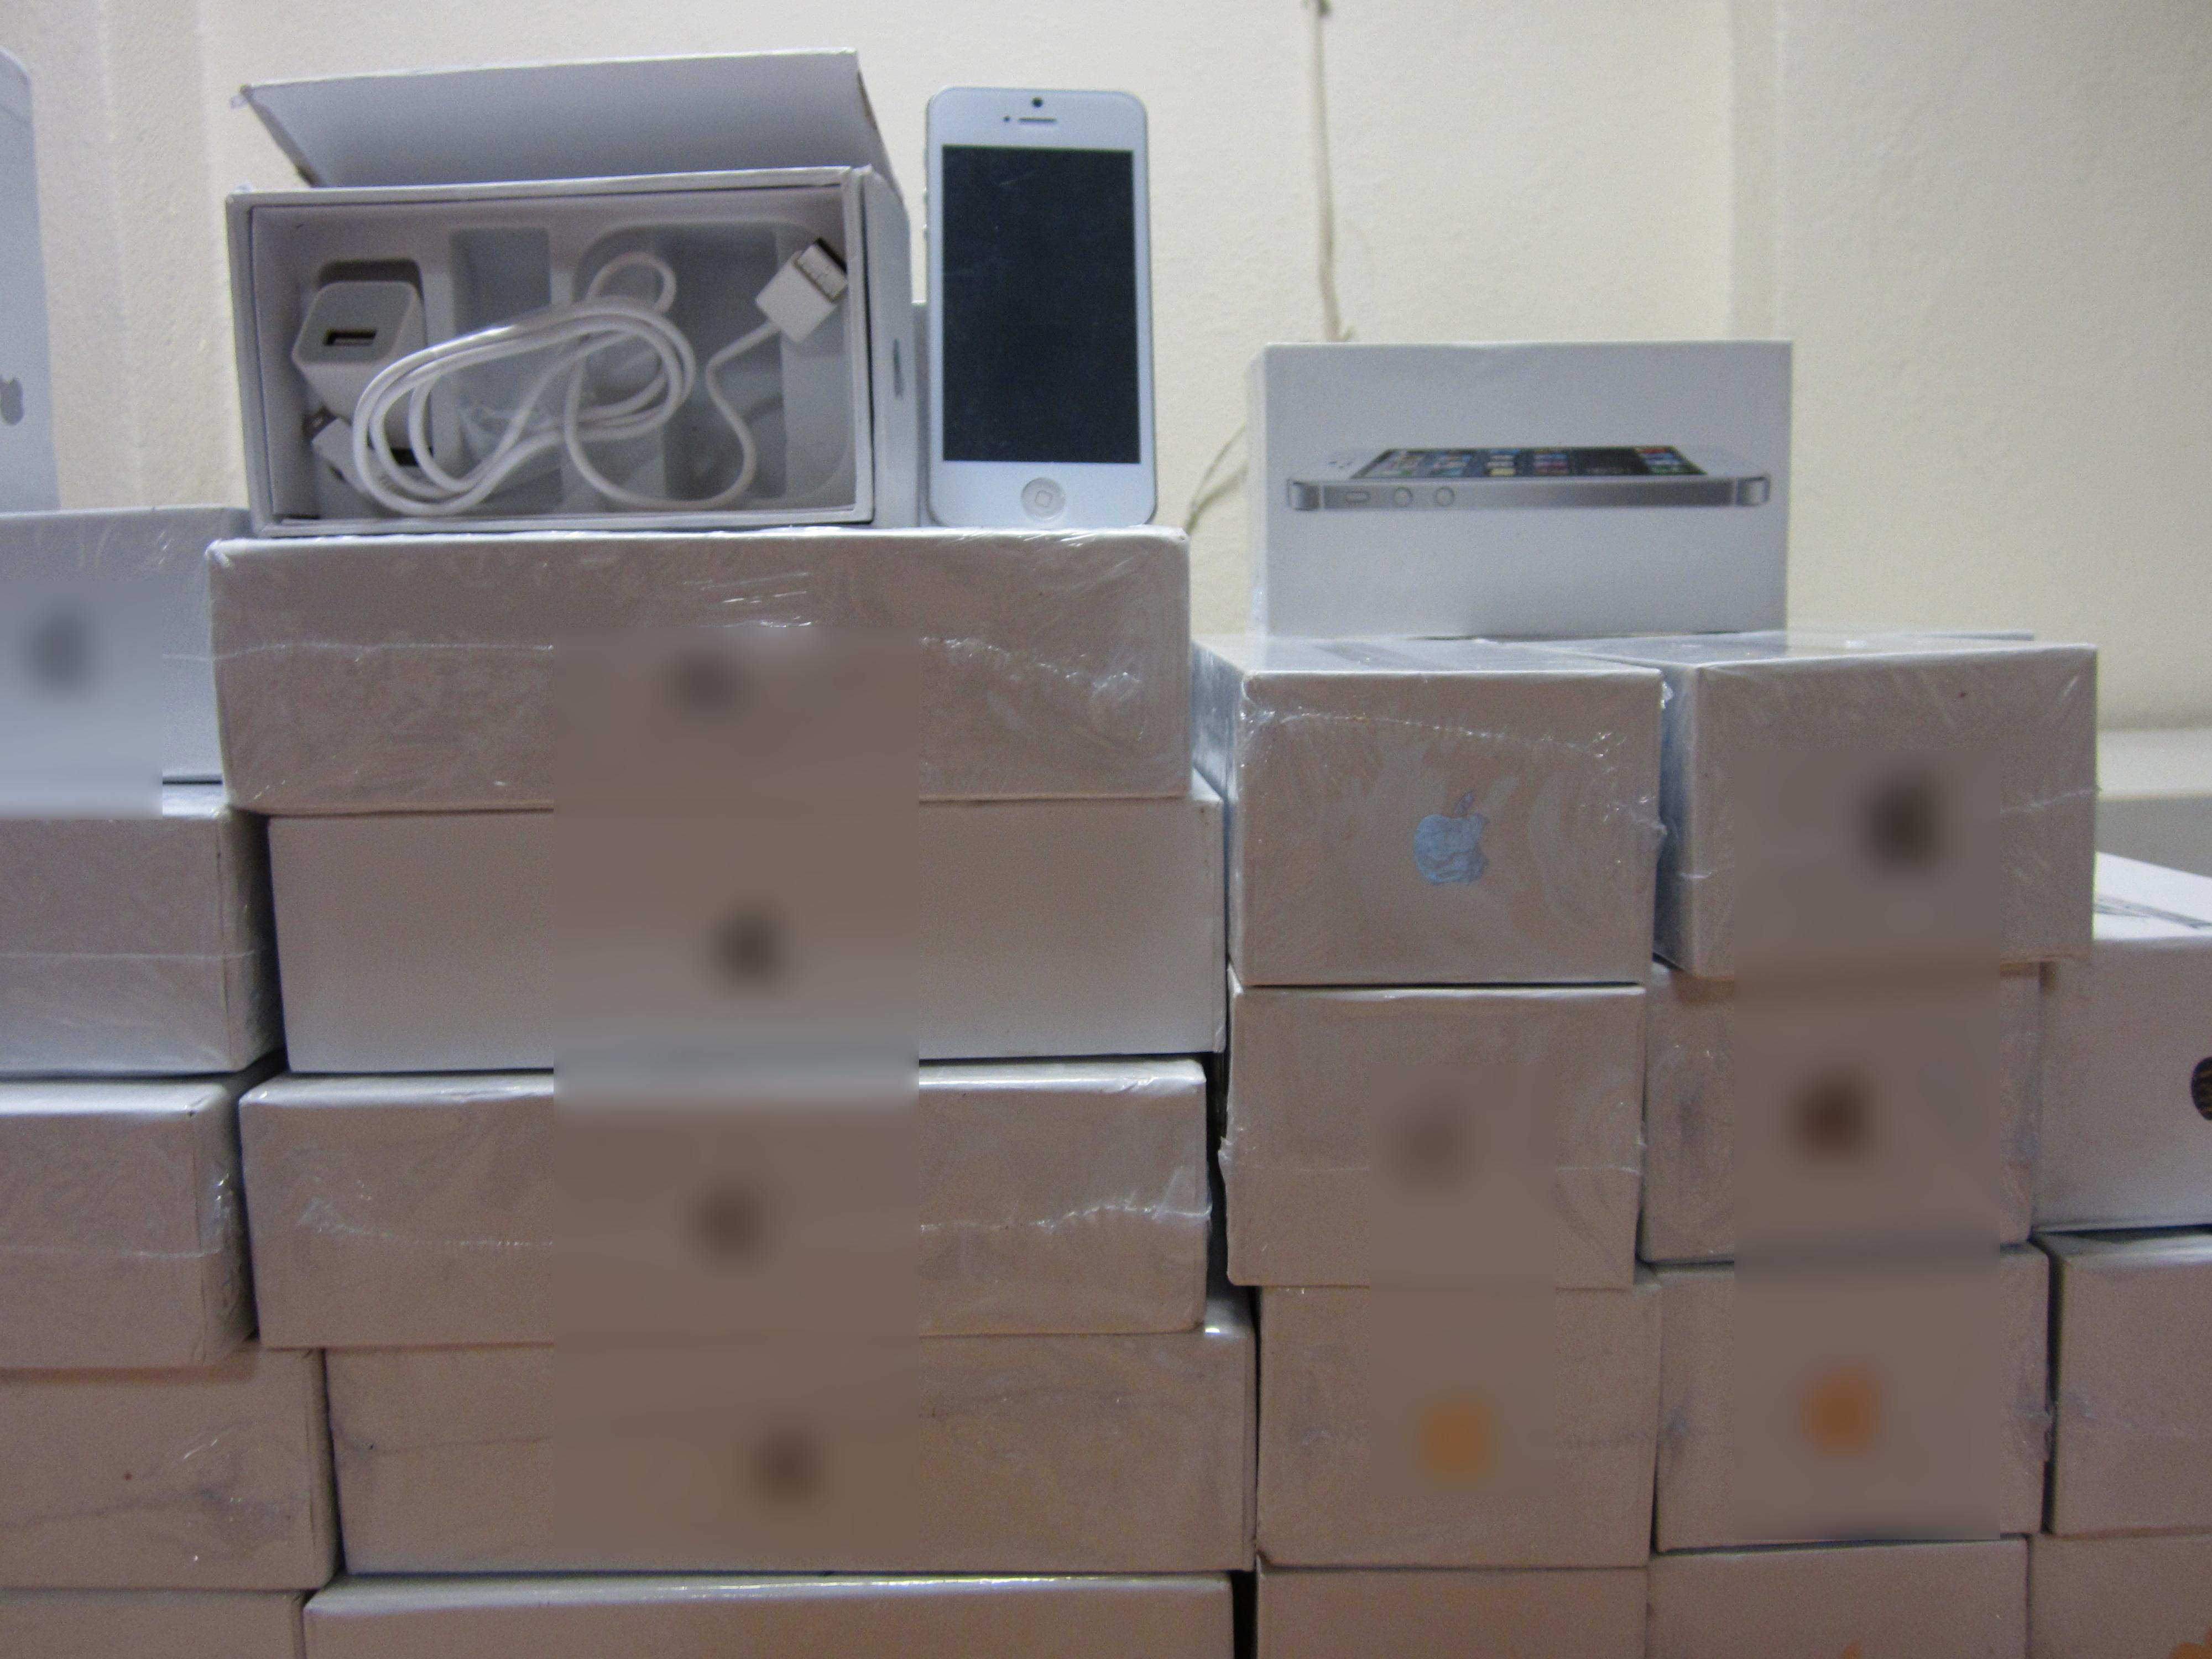 Θεσσαλονίκη  Κατάστημα πουλούσε και χρέωνε προϊόντα   μαϊμού   για ... 43ebc2e1f47